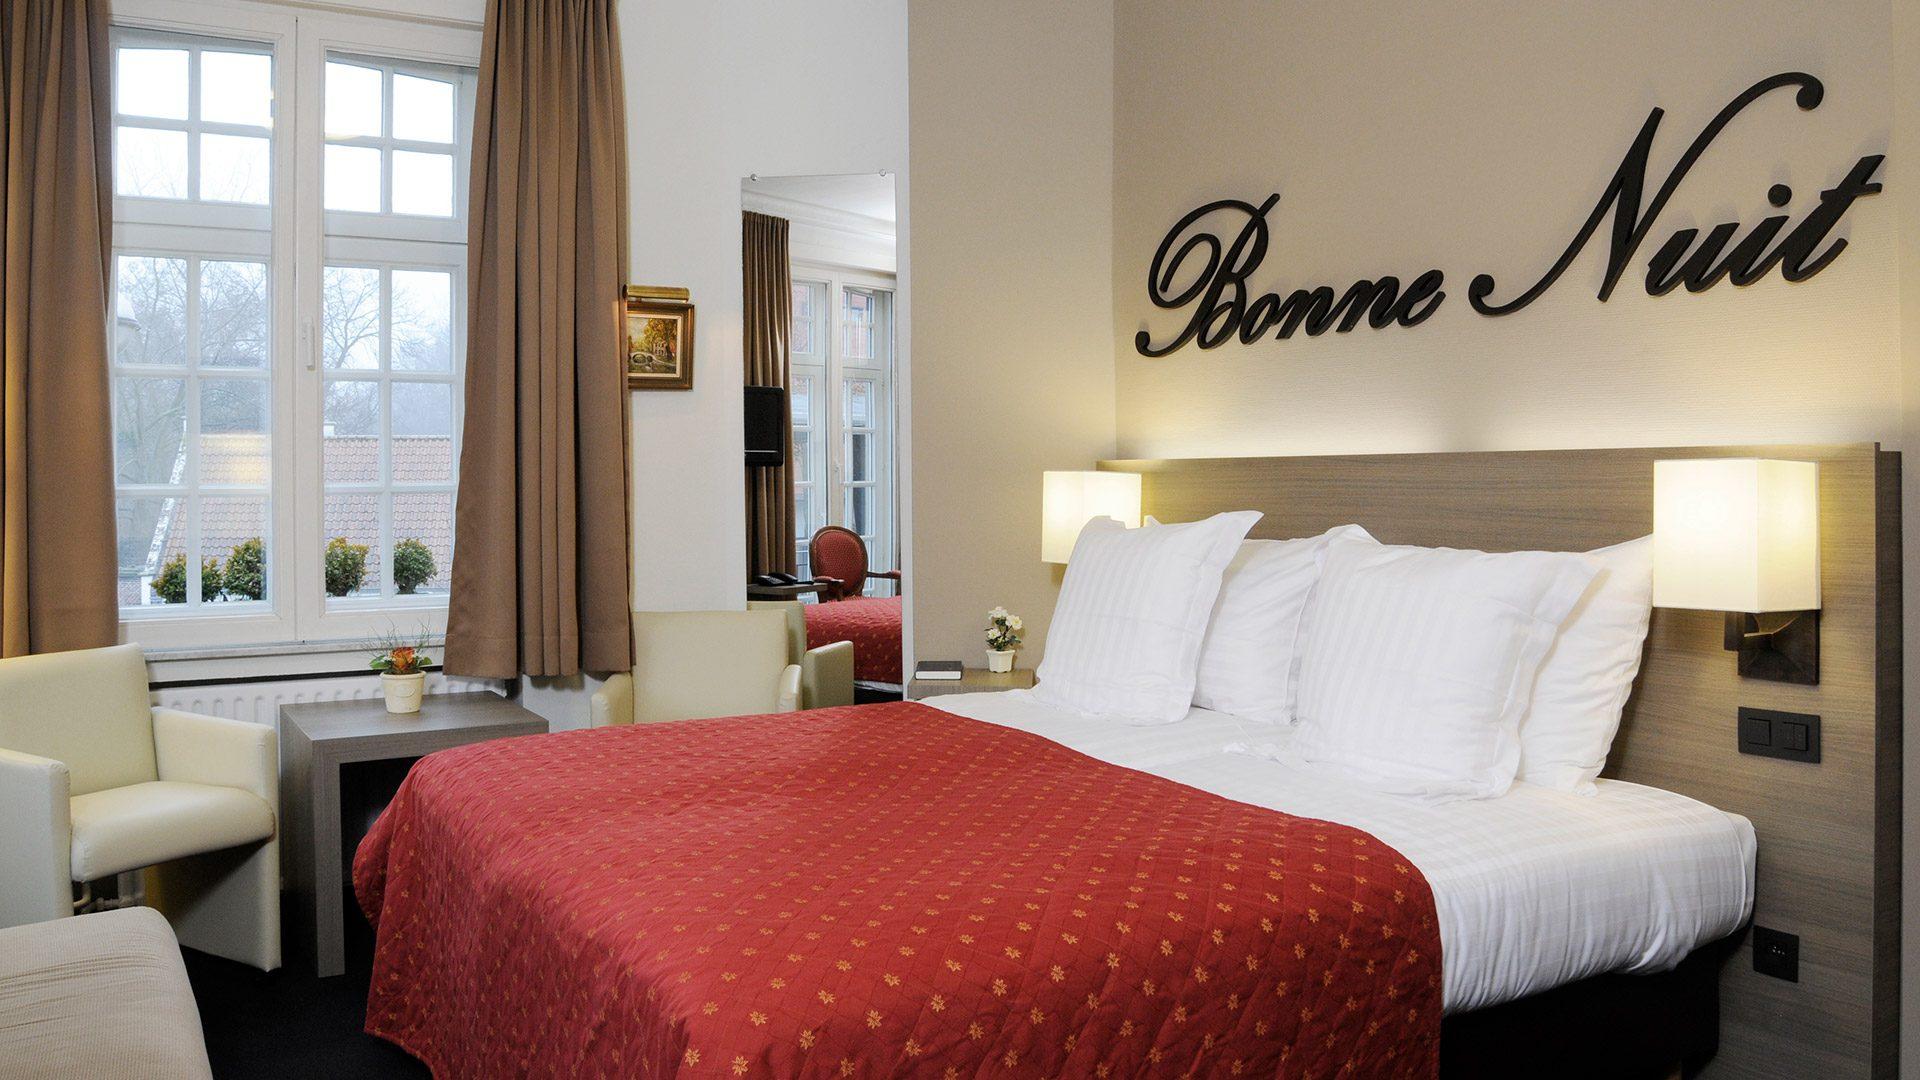 Hotel Albert 1 in Bruges - Hotel Albert 1